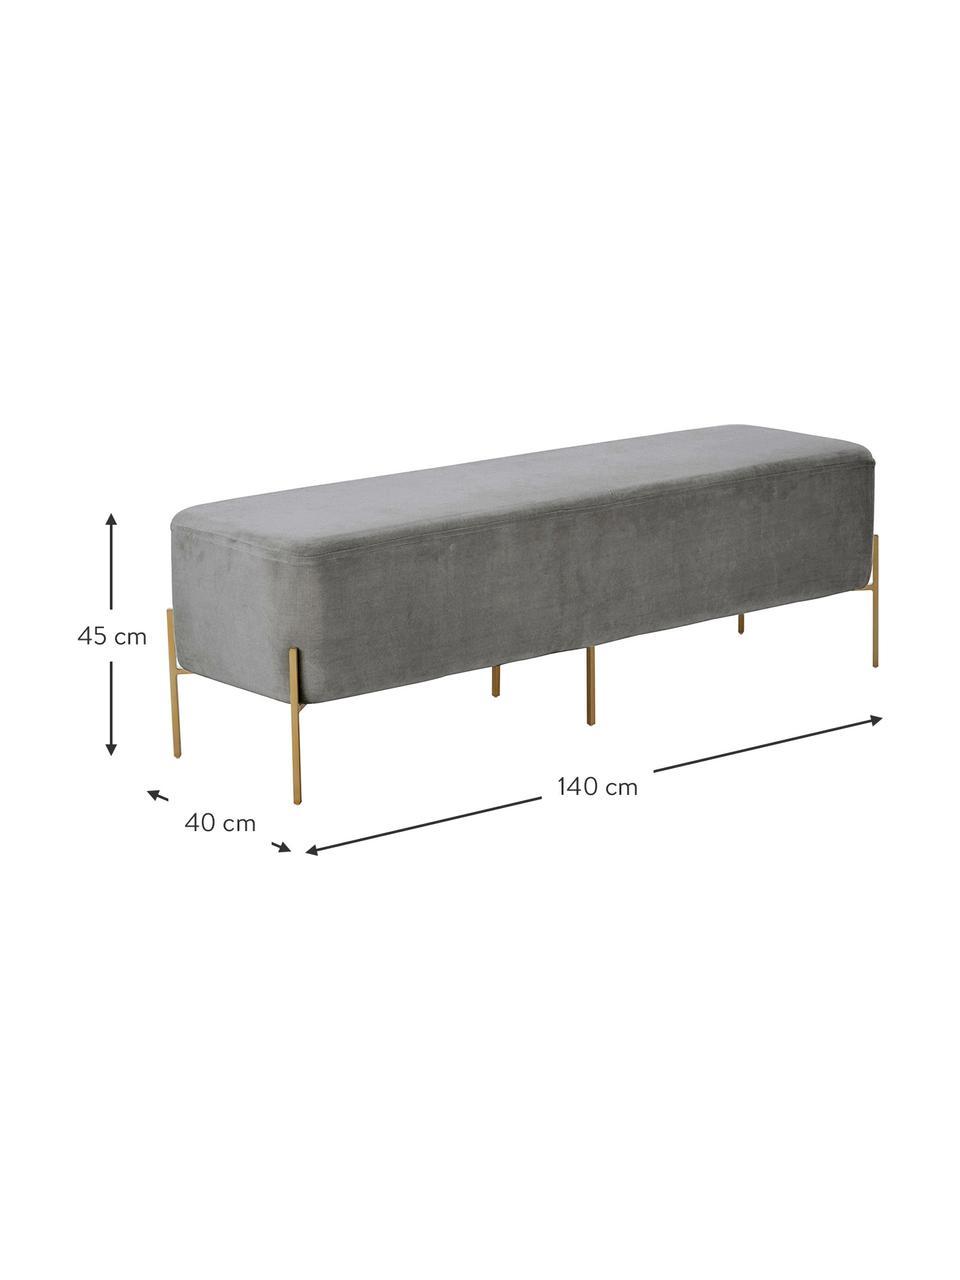 Panca imbottita in velluto Harper, Rivestimento: velluto Con 20.000 cicli , Rivestimento: grigio scuro Base: dorato opaco, Larg. 140 x Alt. 45 cm